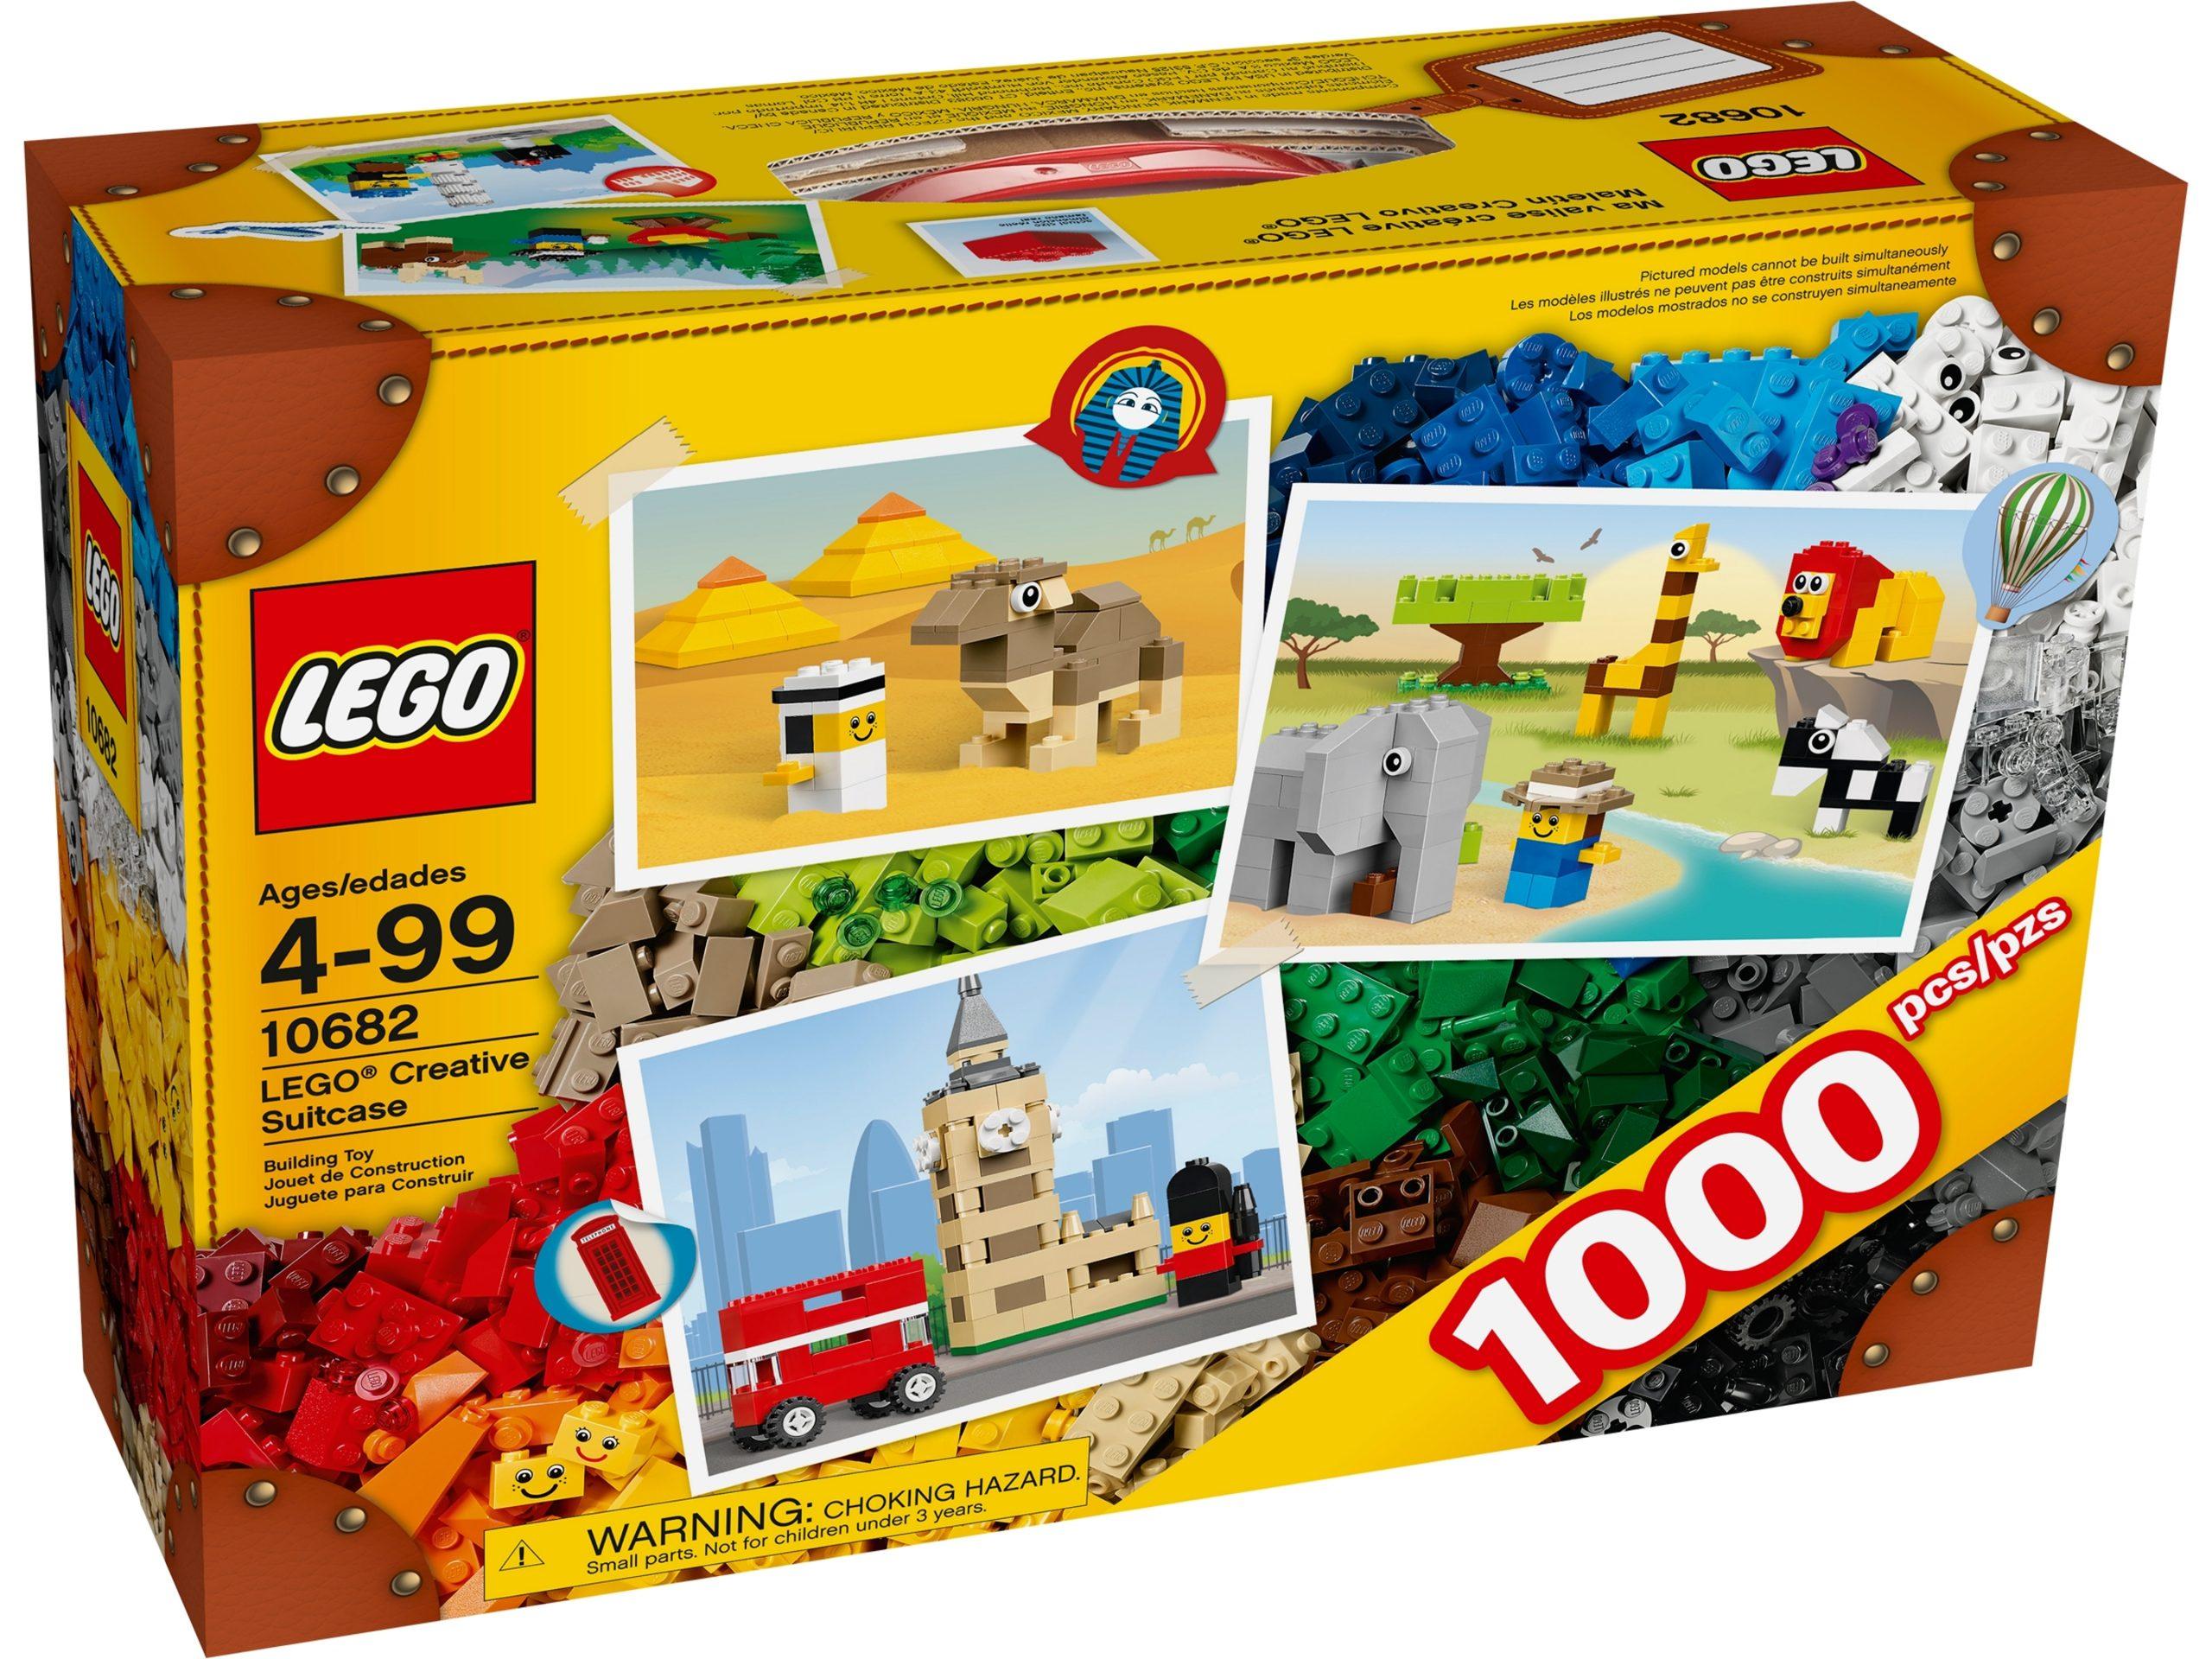 valise creative lego 10682 scaled